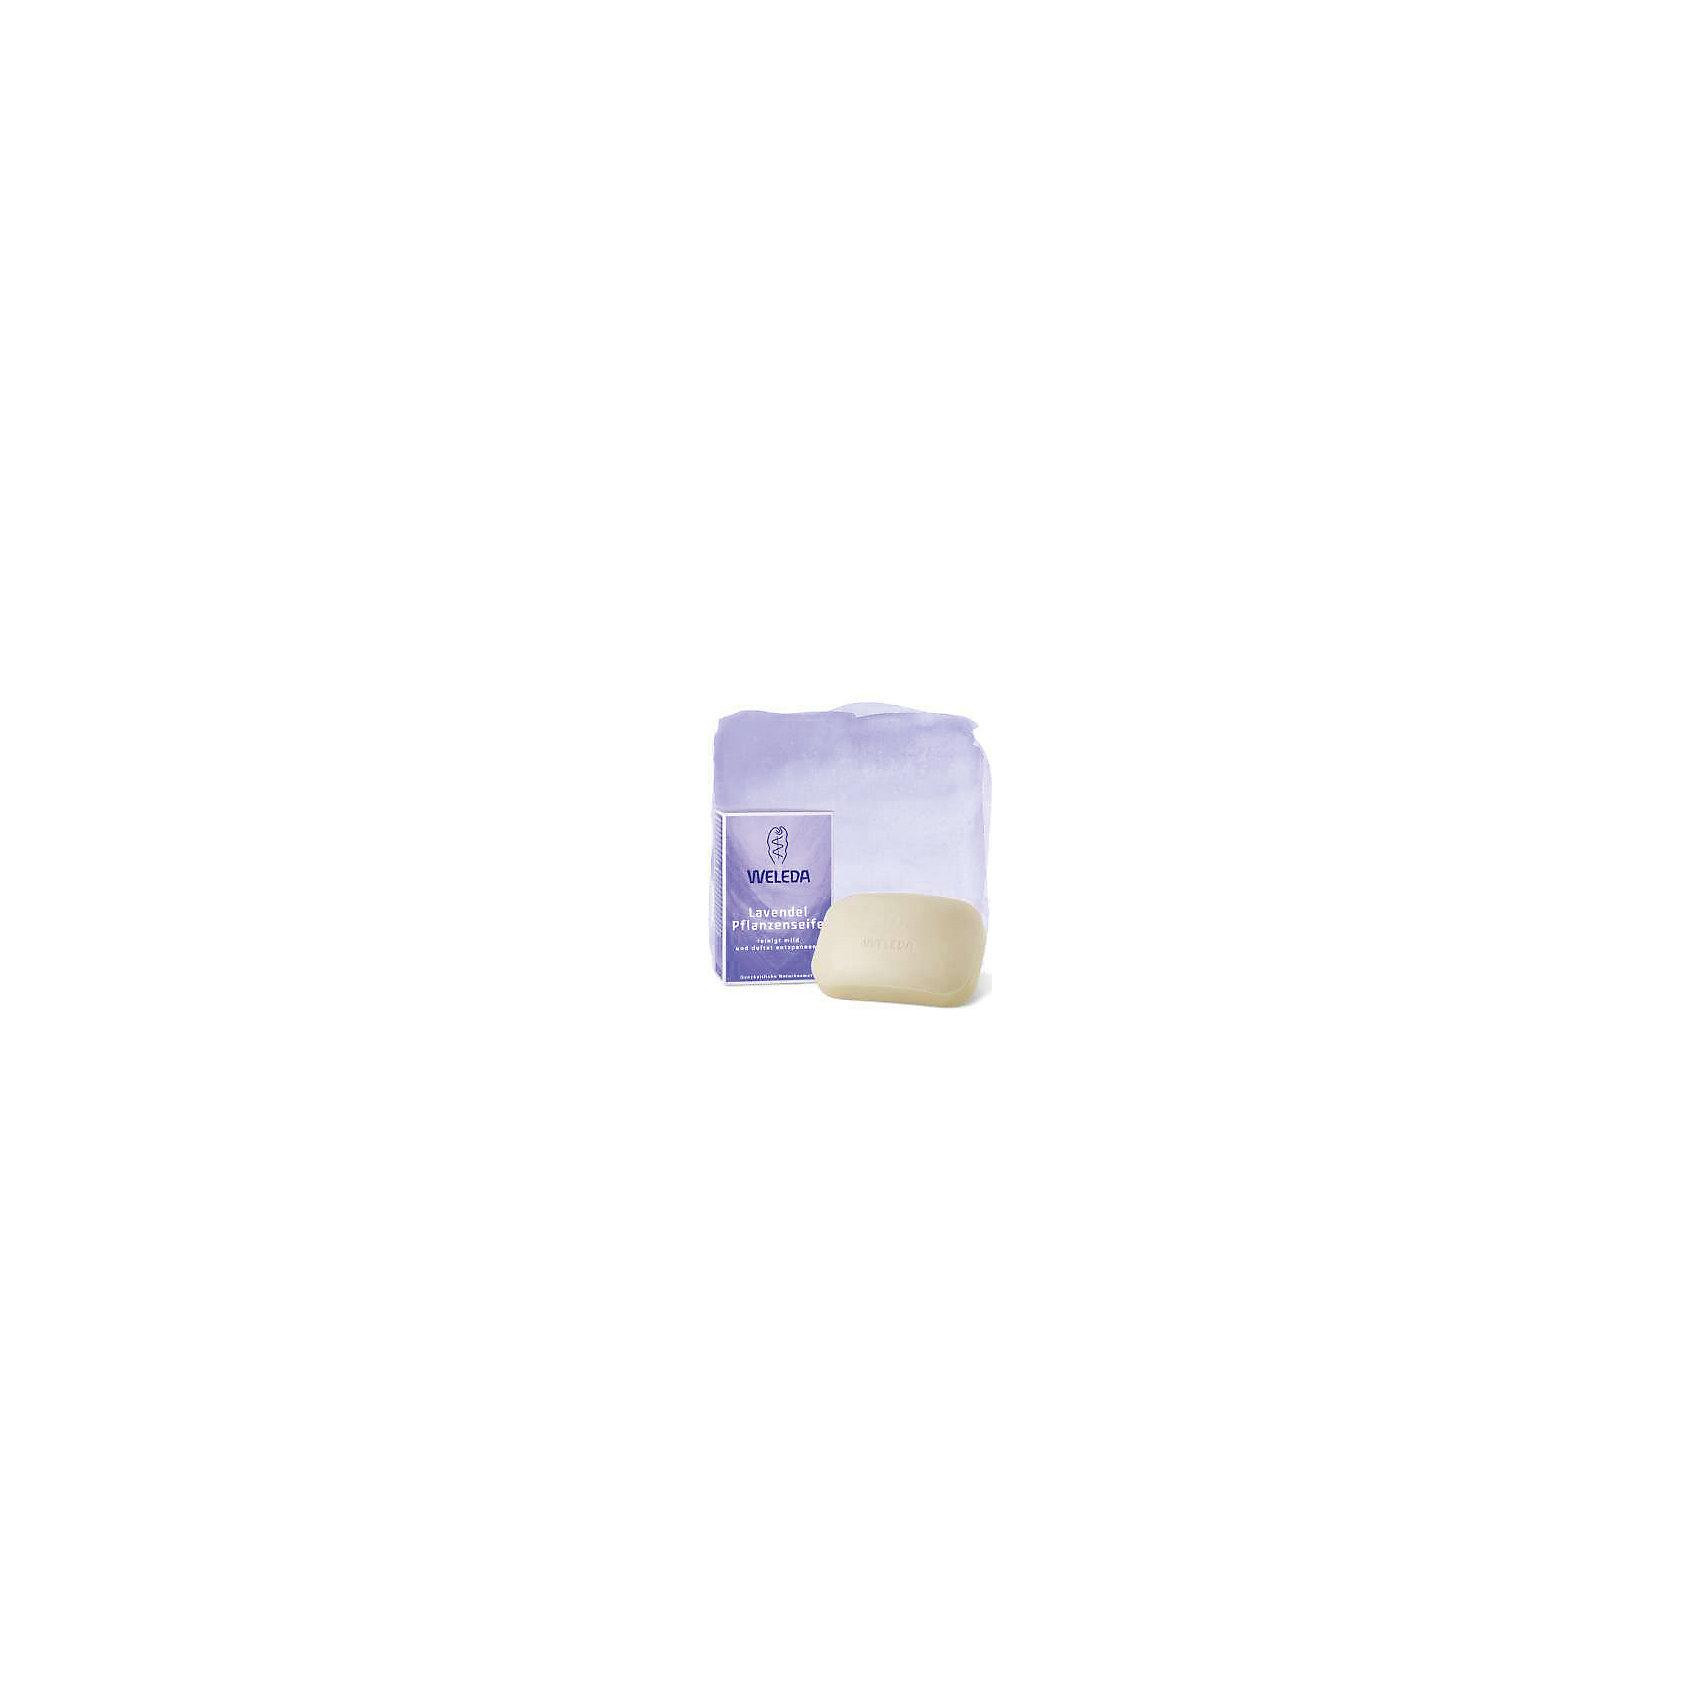 Мыло лавандовое растительное, 100гр., Weleda